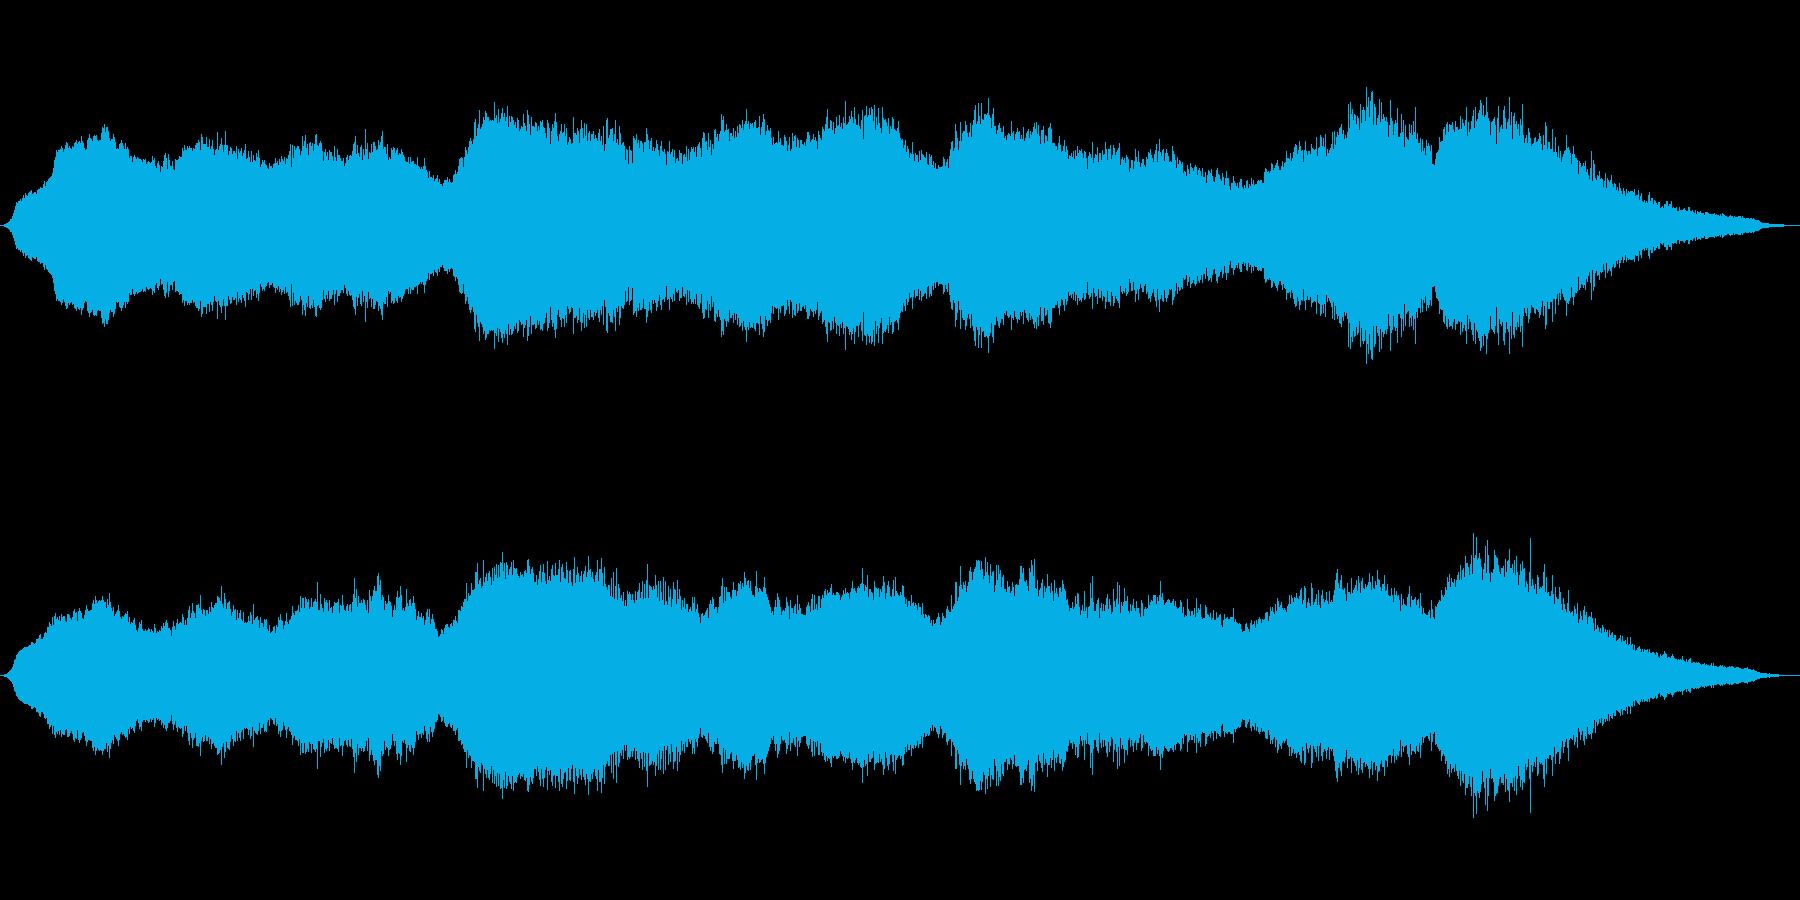 重厚かつ力強い音色の神秘的電子音楽の再生済みの波形